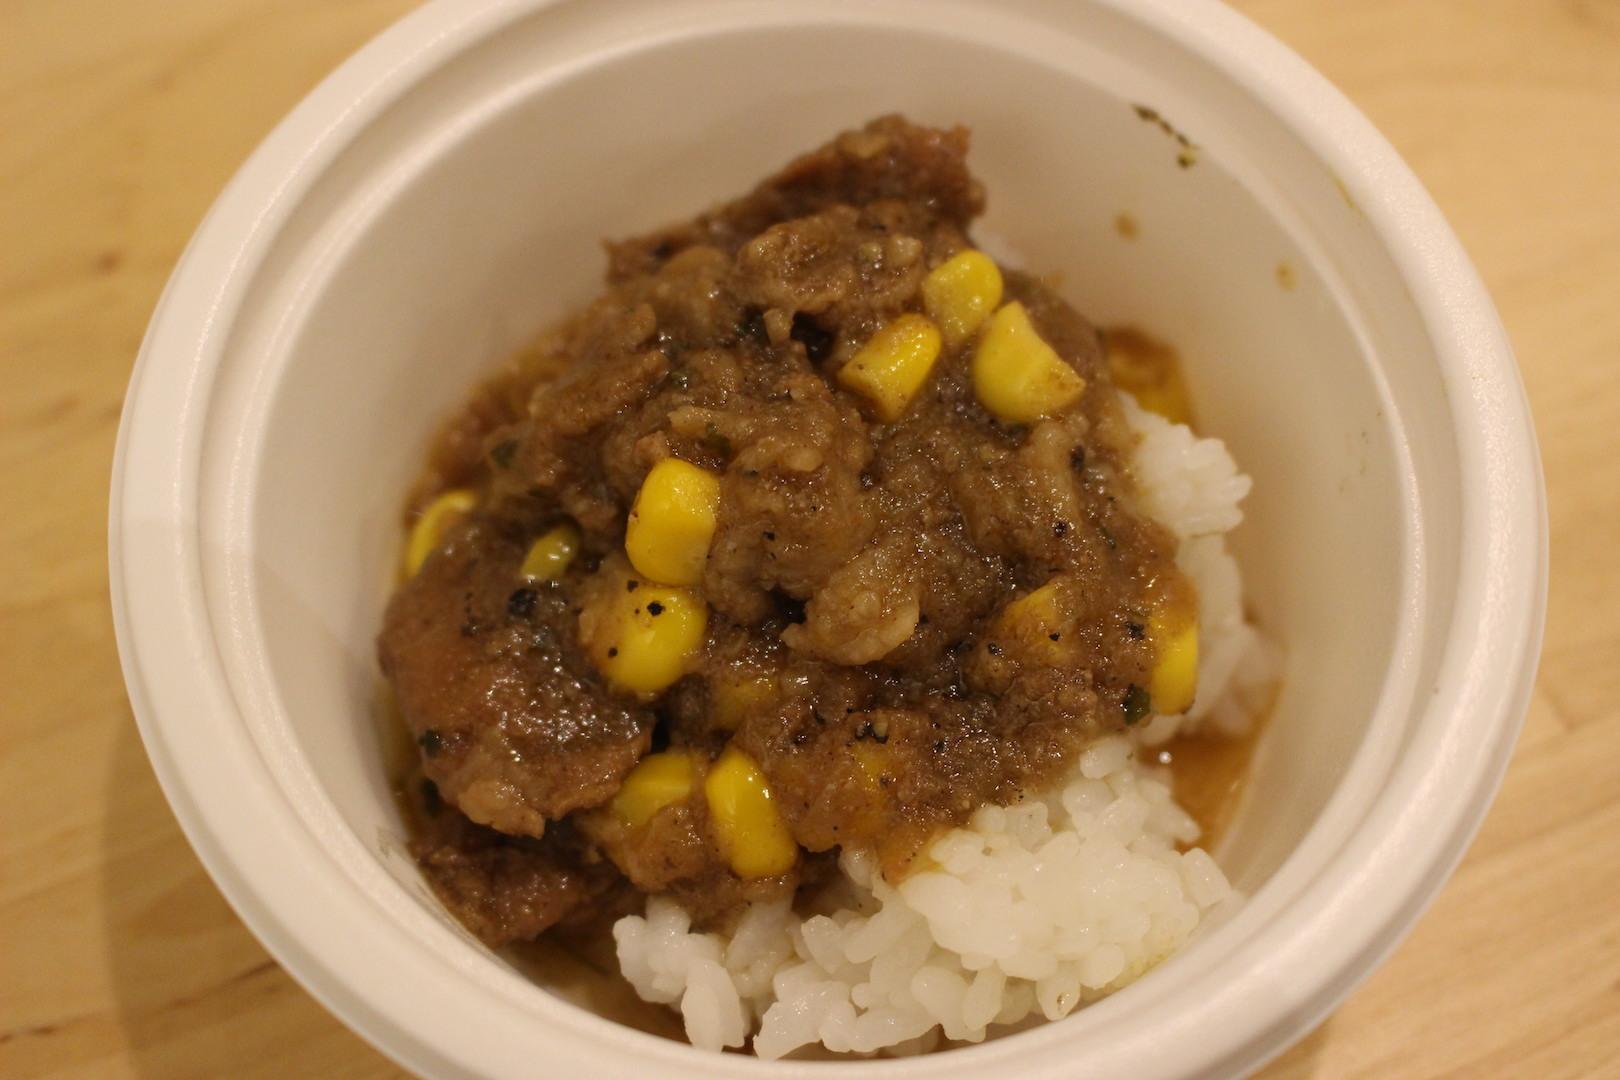 サケトメシ「肉食系に贈る!熟成牛肩ロースとコーンのガリバタスパイスカリー」